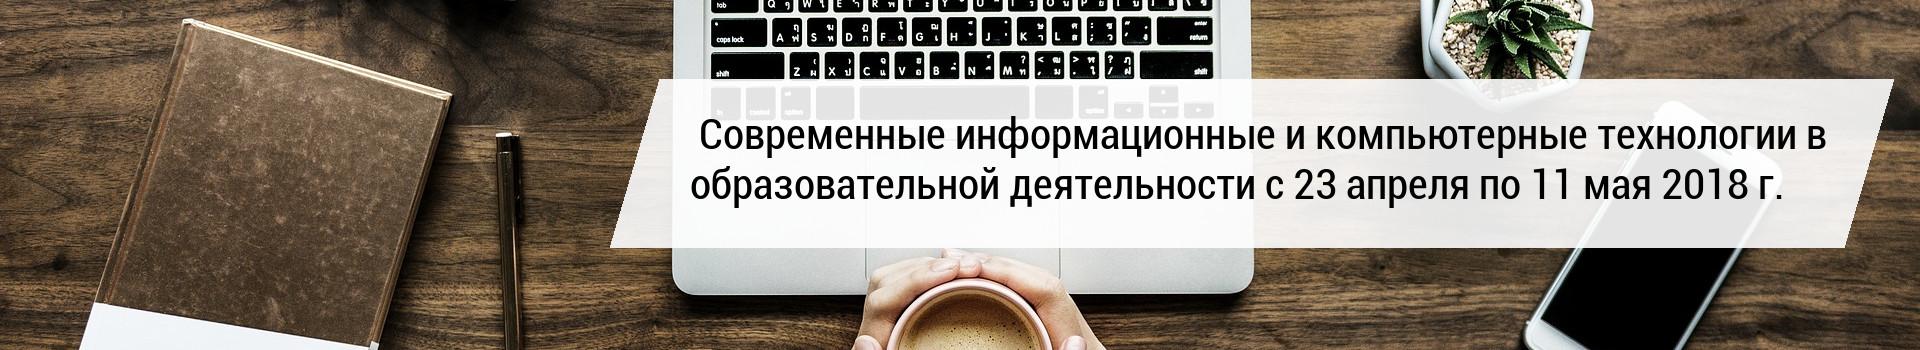 Современные информационные и компьютерные технологии в образовательной деятельности